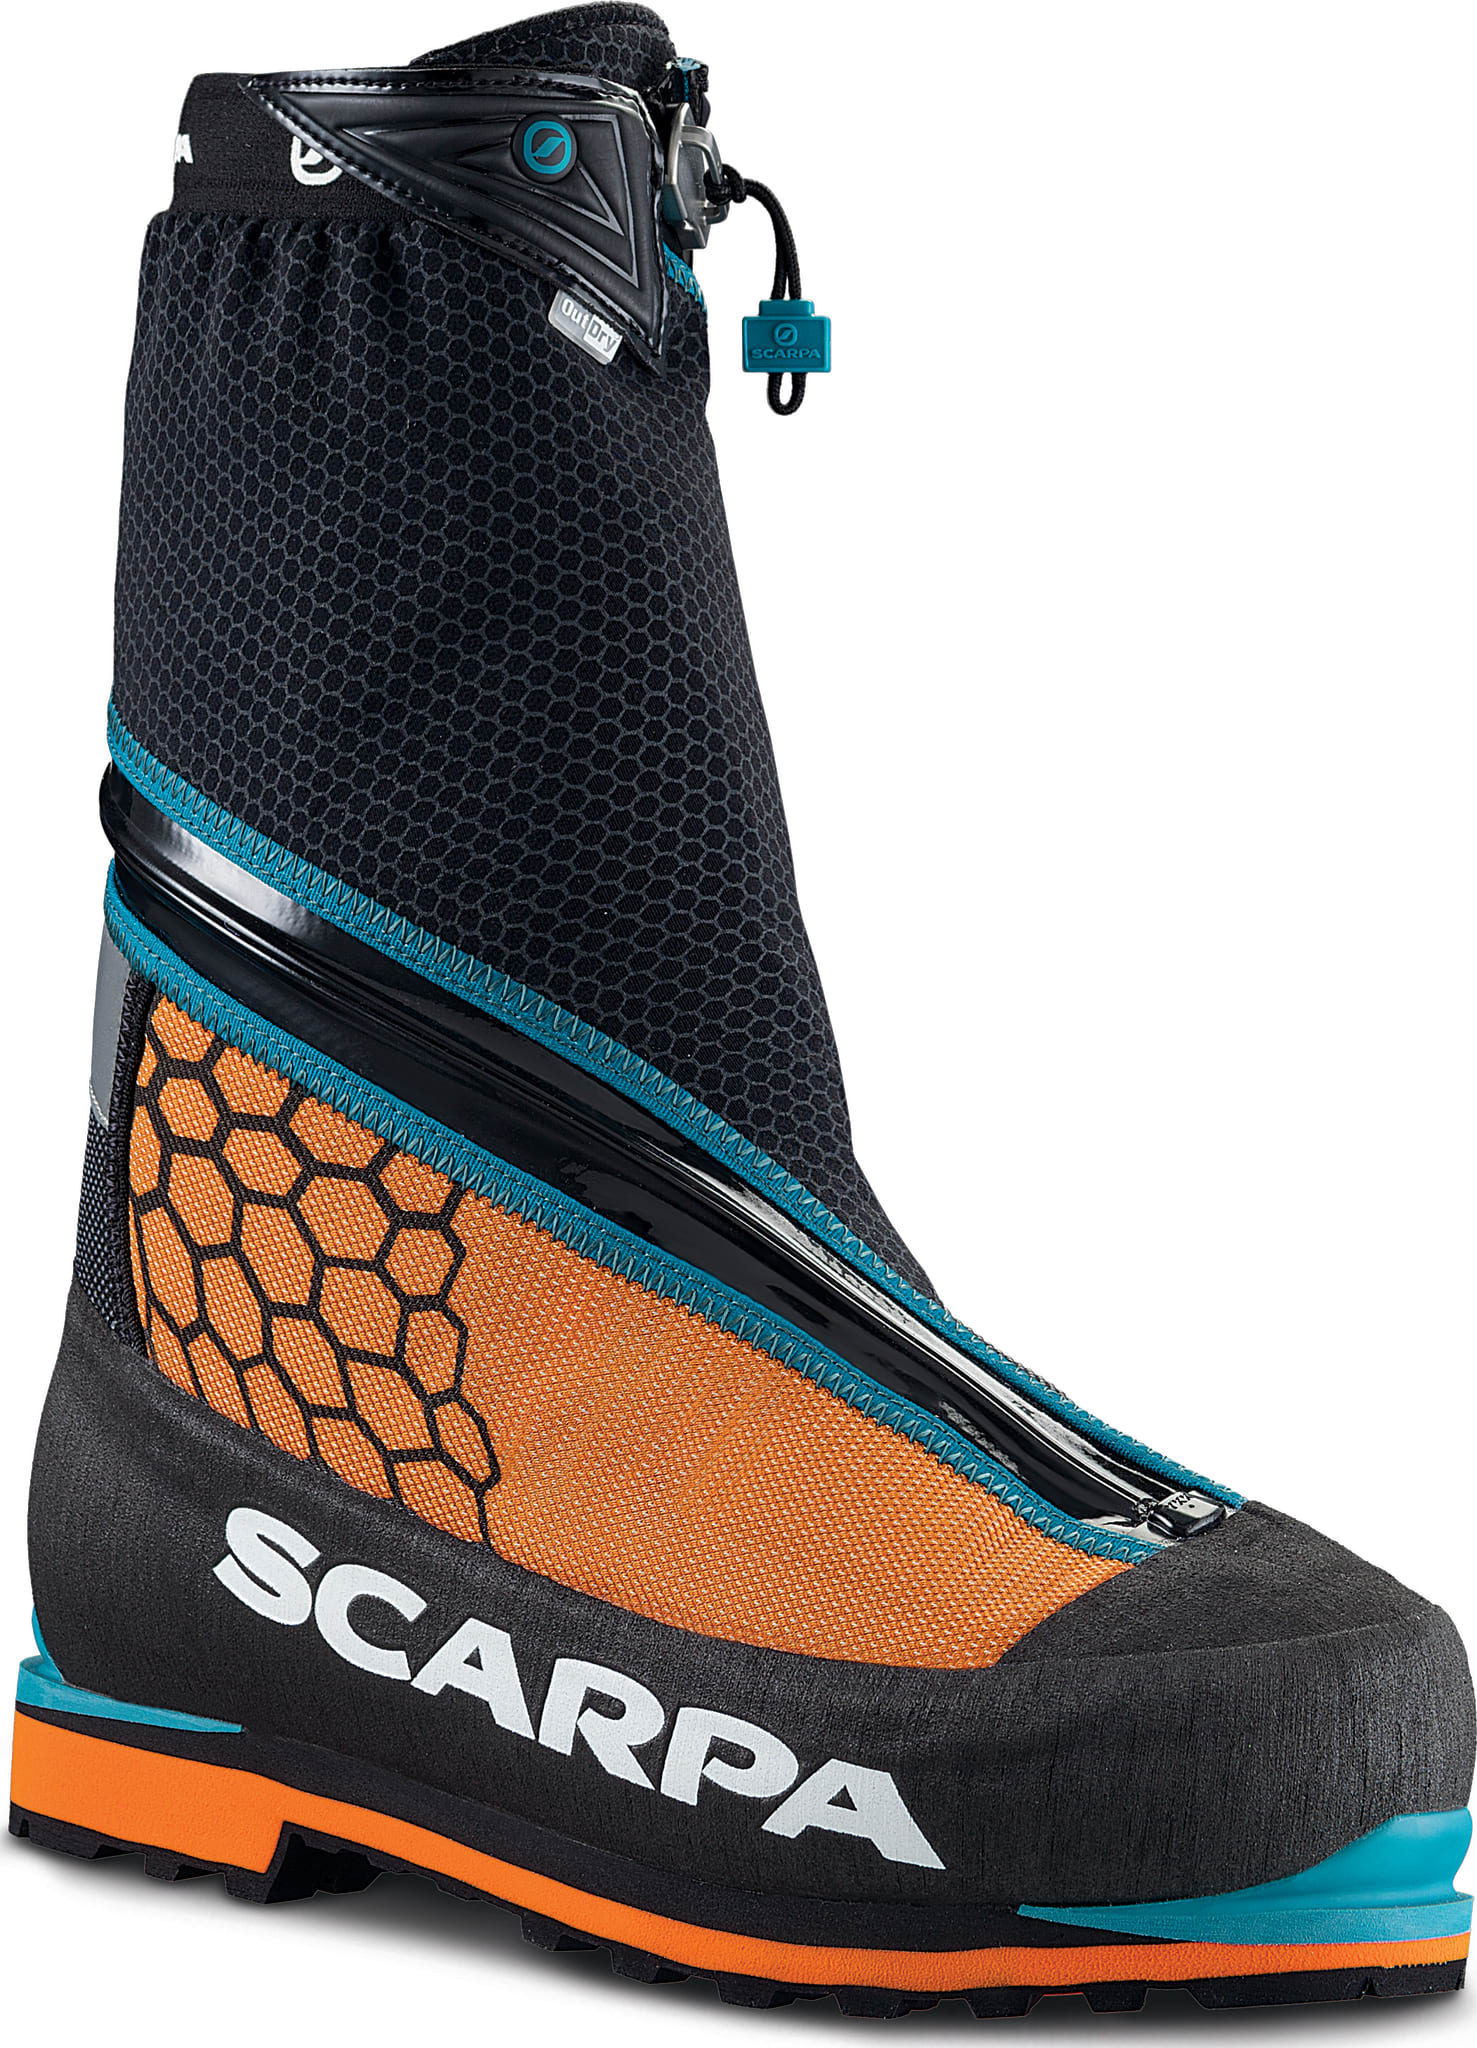 Rå sko til isklatring, vinteralpinisme og høye fjell!